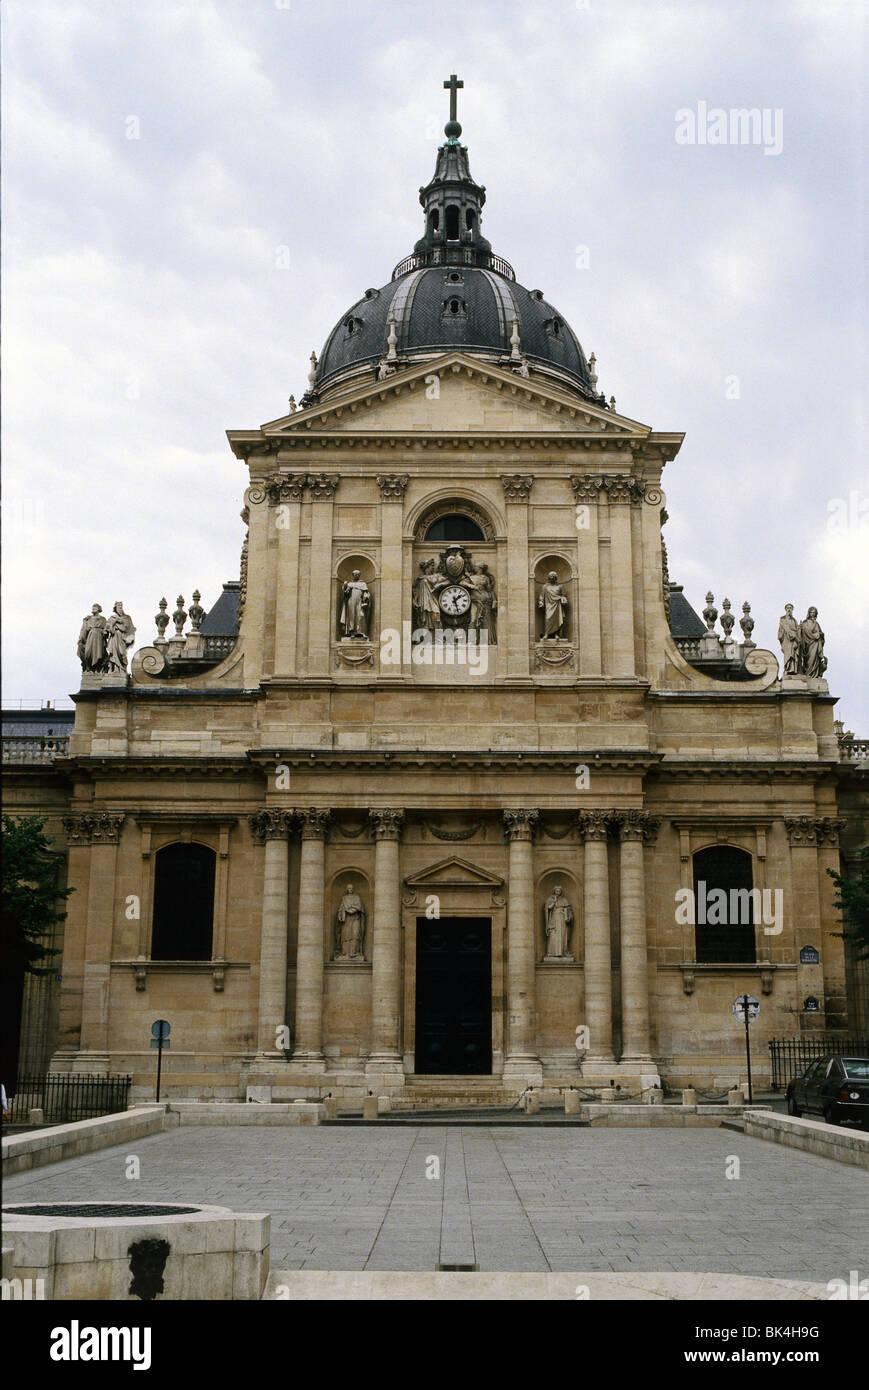 Chapel of the Sorbonne, Paris - Stock Image